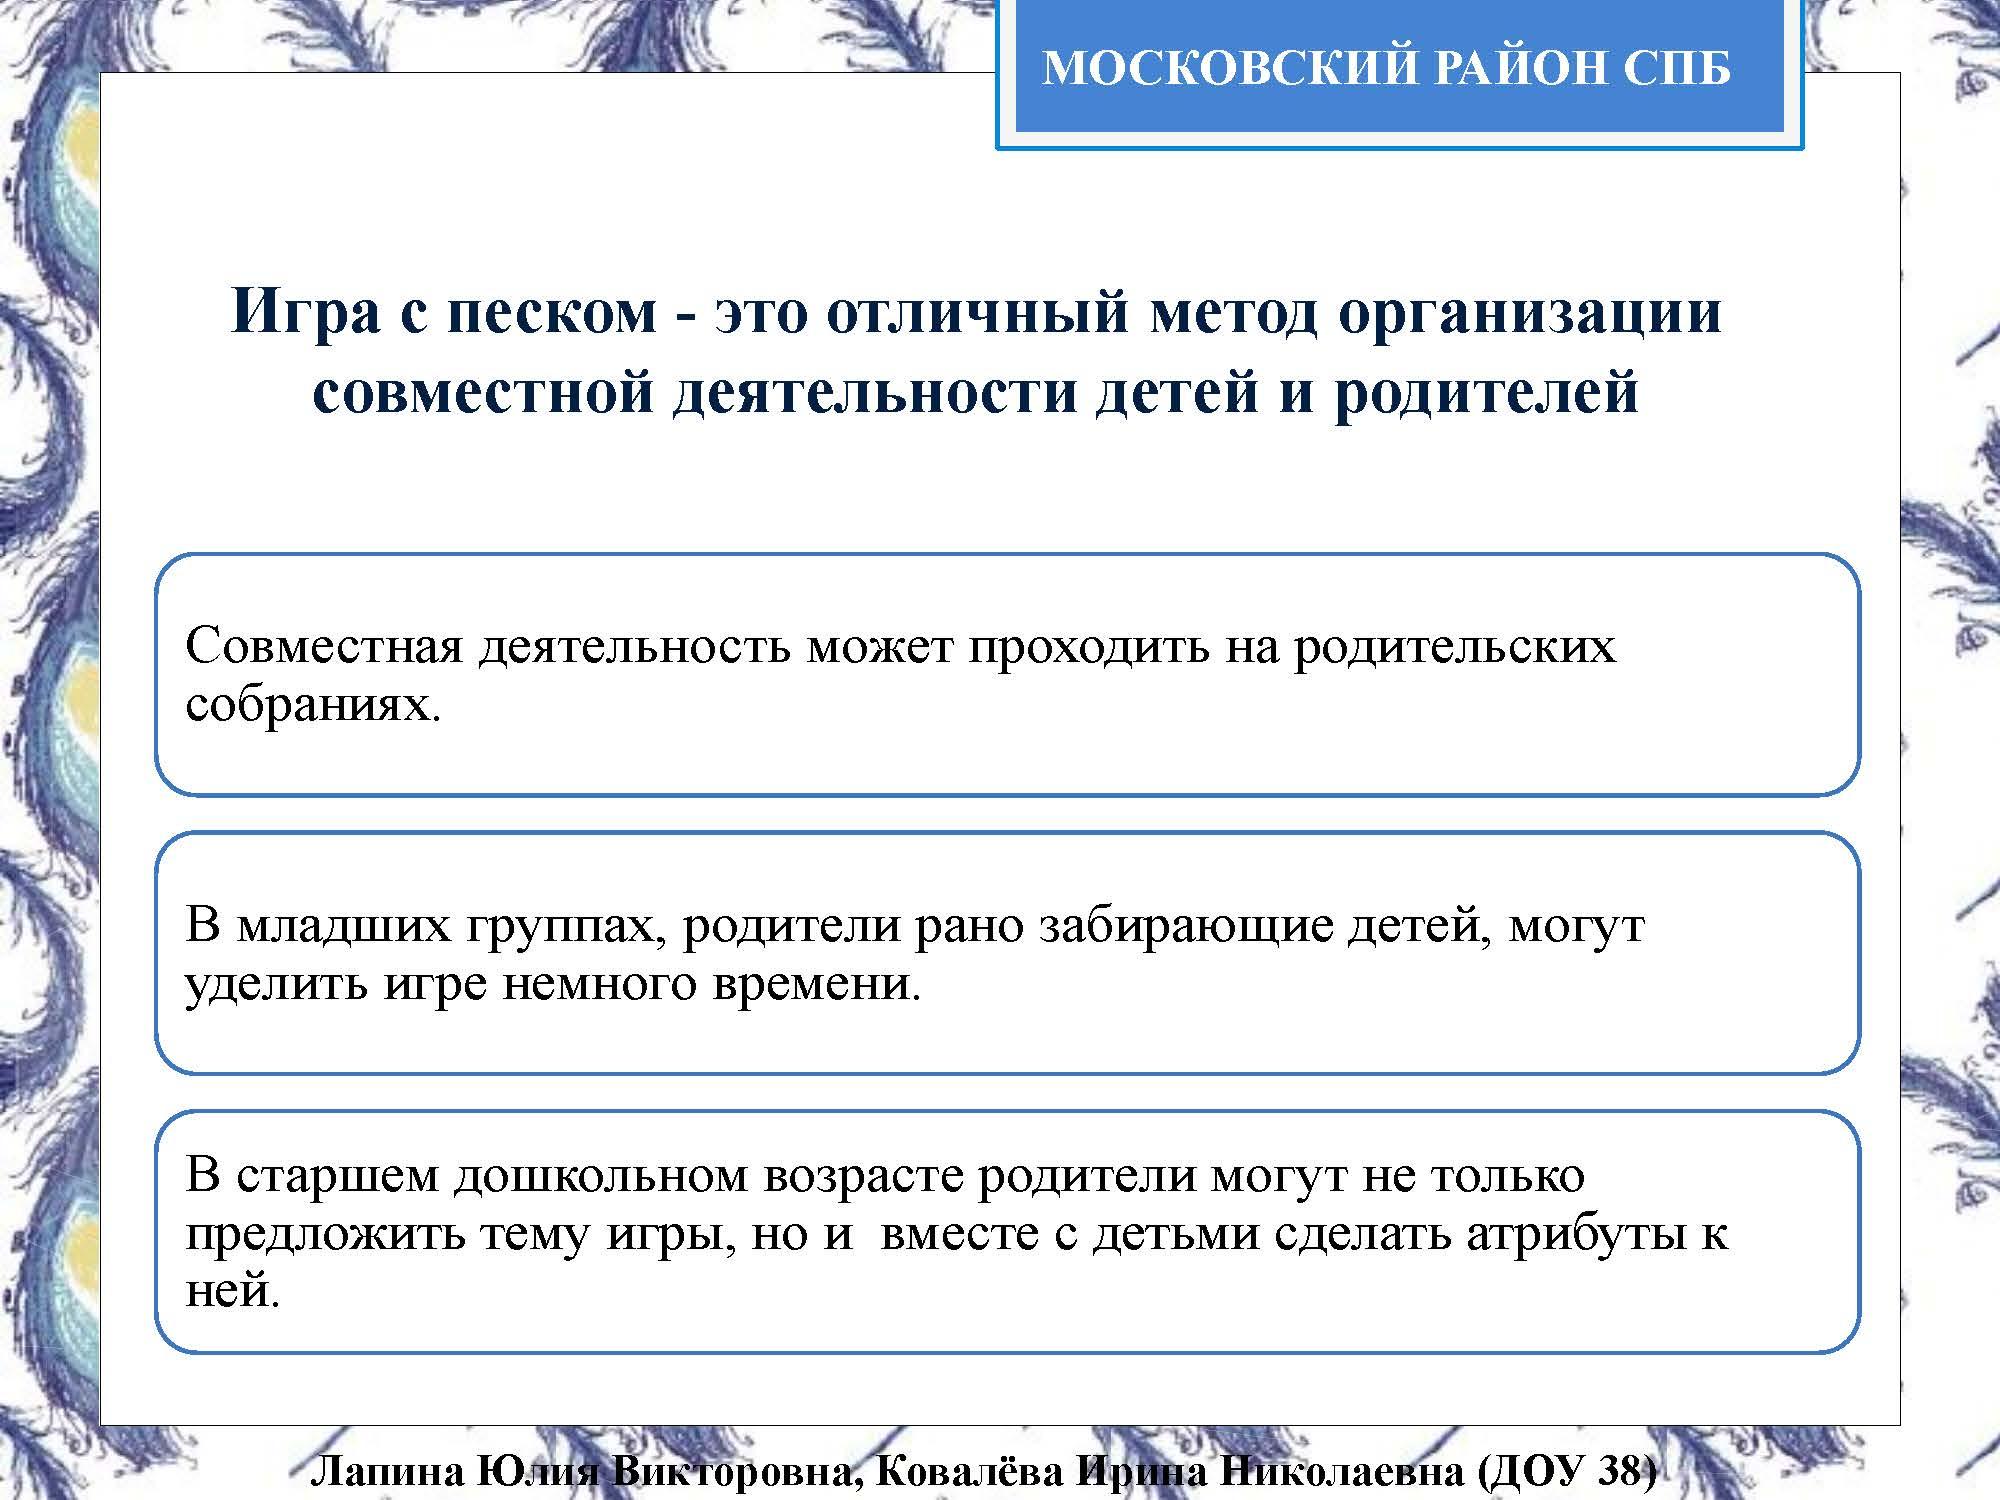 Секция 8. ДОУ 38, Московский район_Страница_13